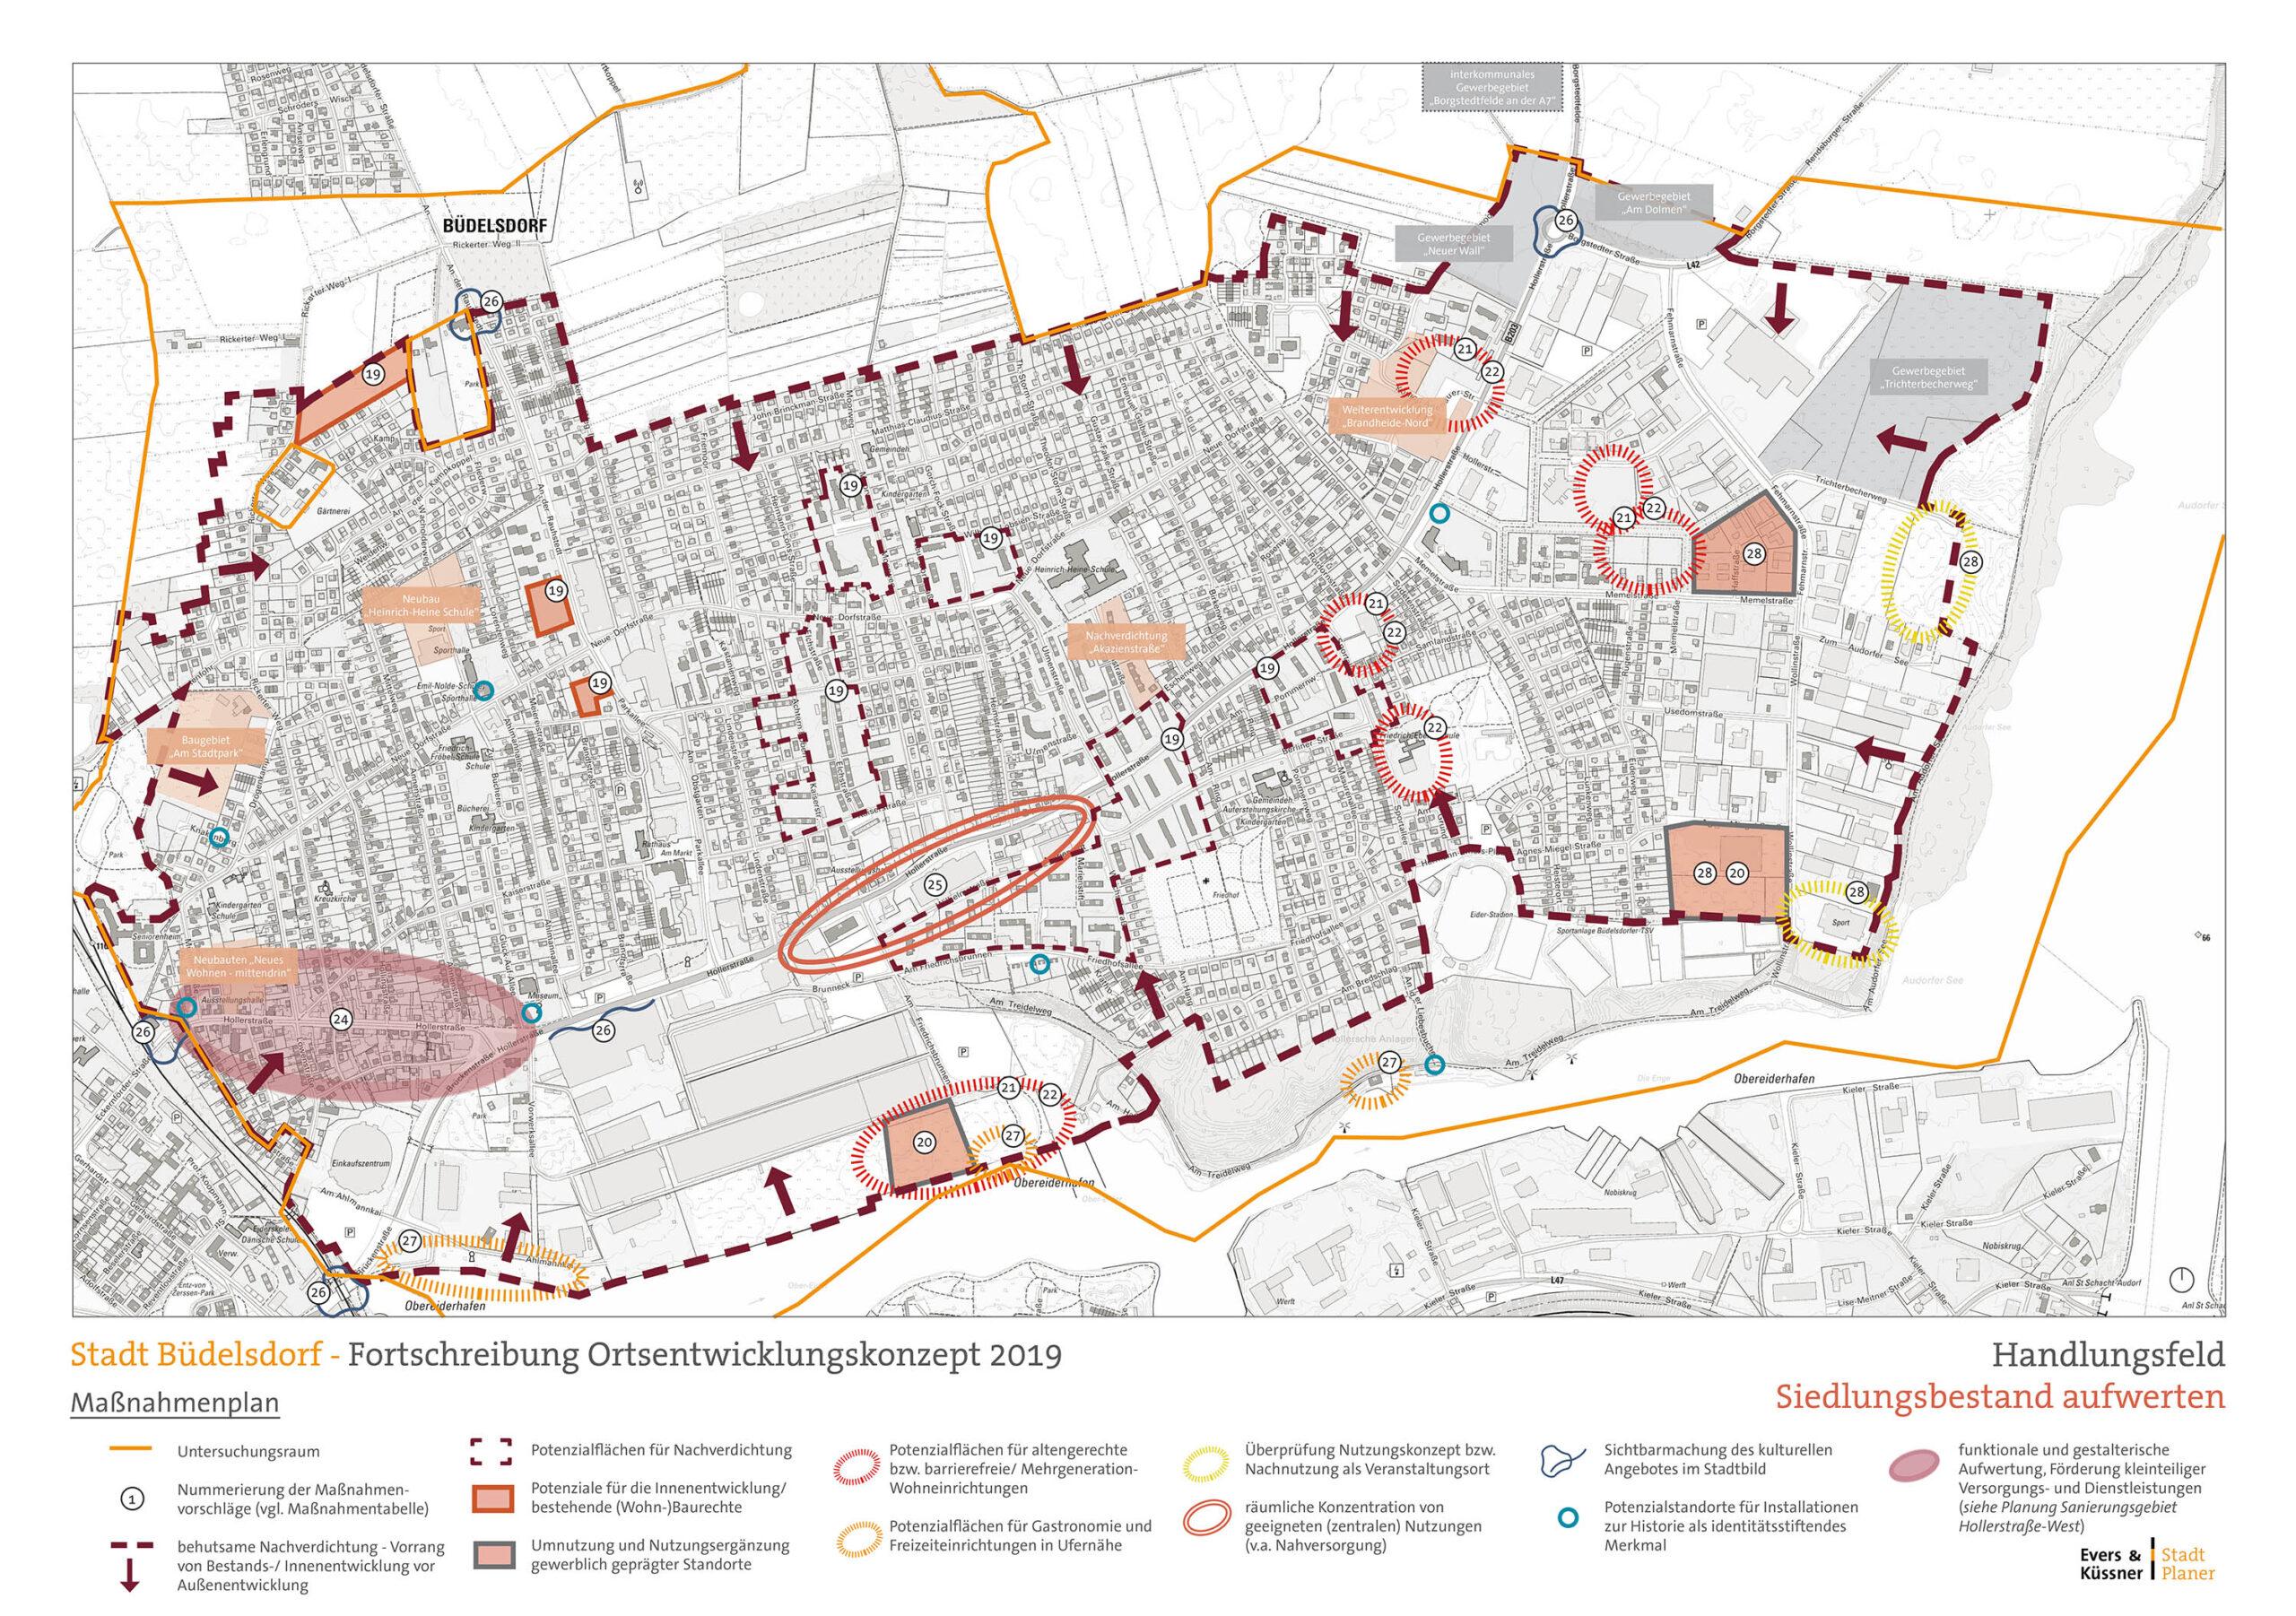 Neuaufstellung des Ortsentwicklungskonzepts, Stadt Büdelsdorf - Massnahmenplan Siedlung